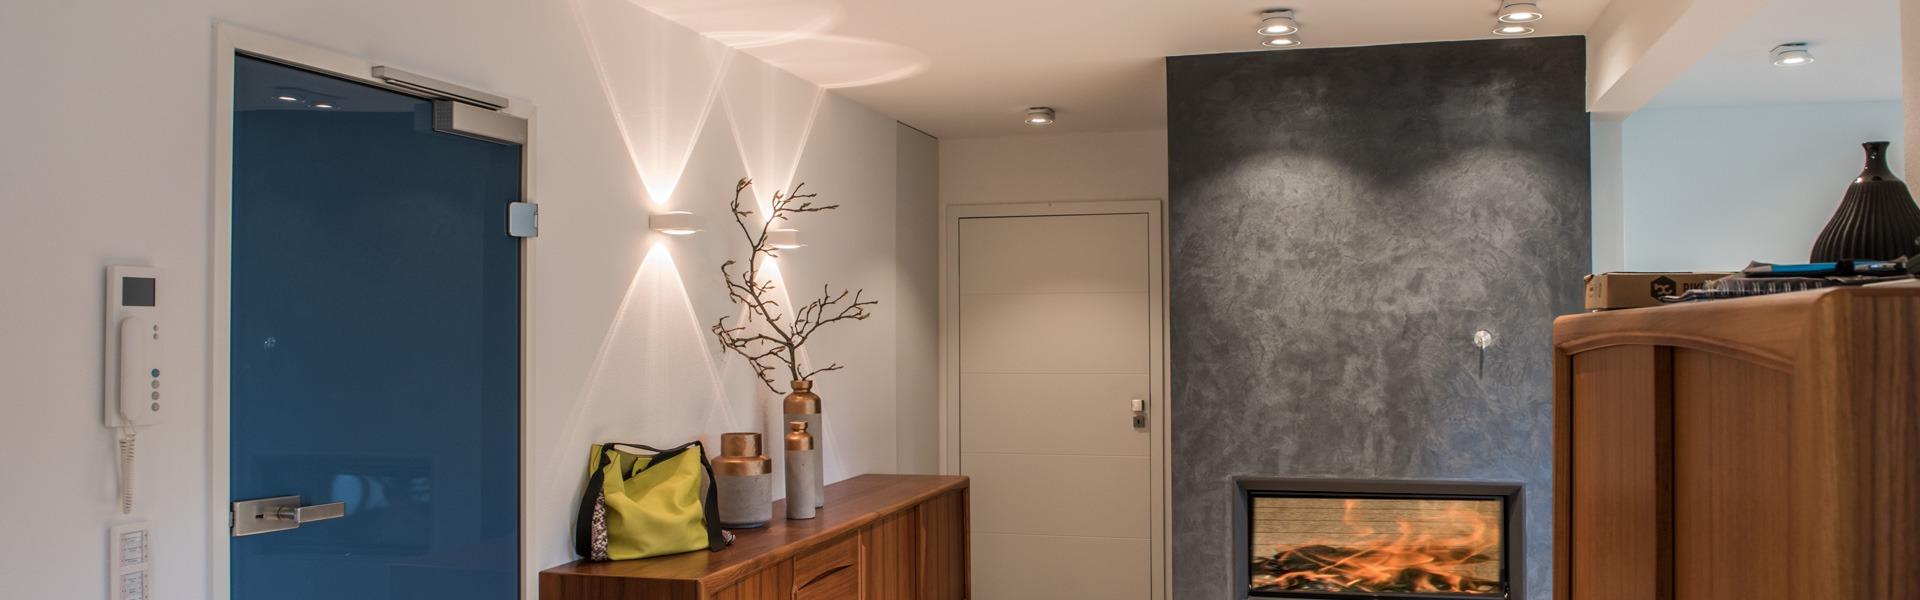 Full Size of Wohnzimmer Lampen Indirekte Beleuchtung Indirekte Beleuchtung Wohnzimmer Decke Ideen Für Indirekte Beleuchtung Im Wohnzimmer Indirekte Beleuchtung Wohnzimmer Fenster Wohnzimmer Indirekte Beleuchtung Wohnzimmer